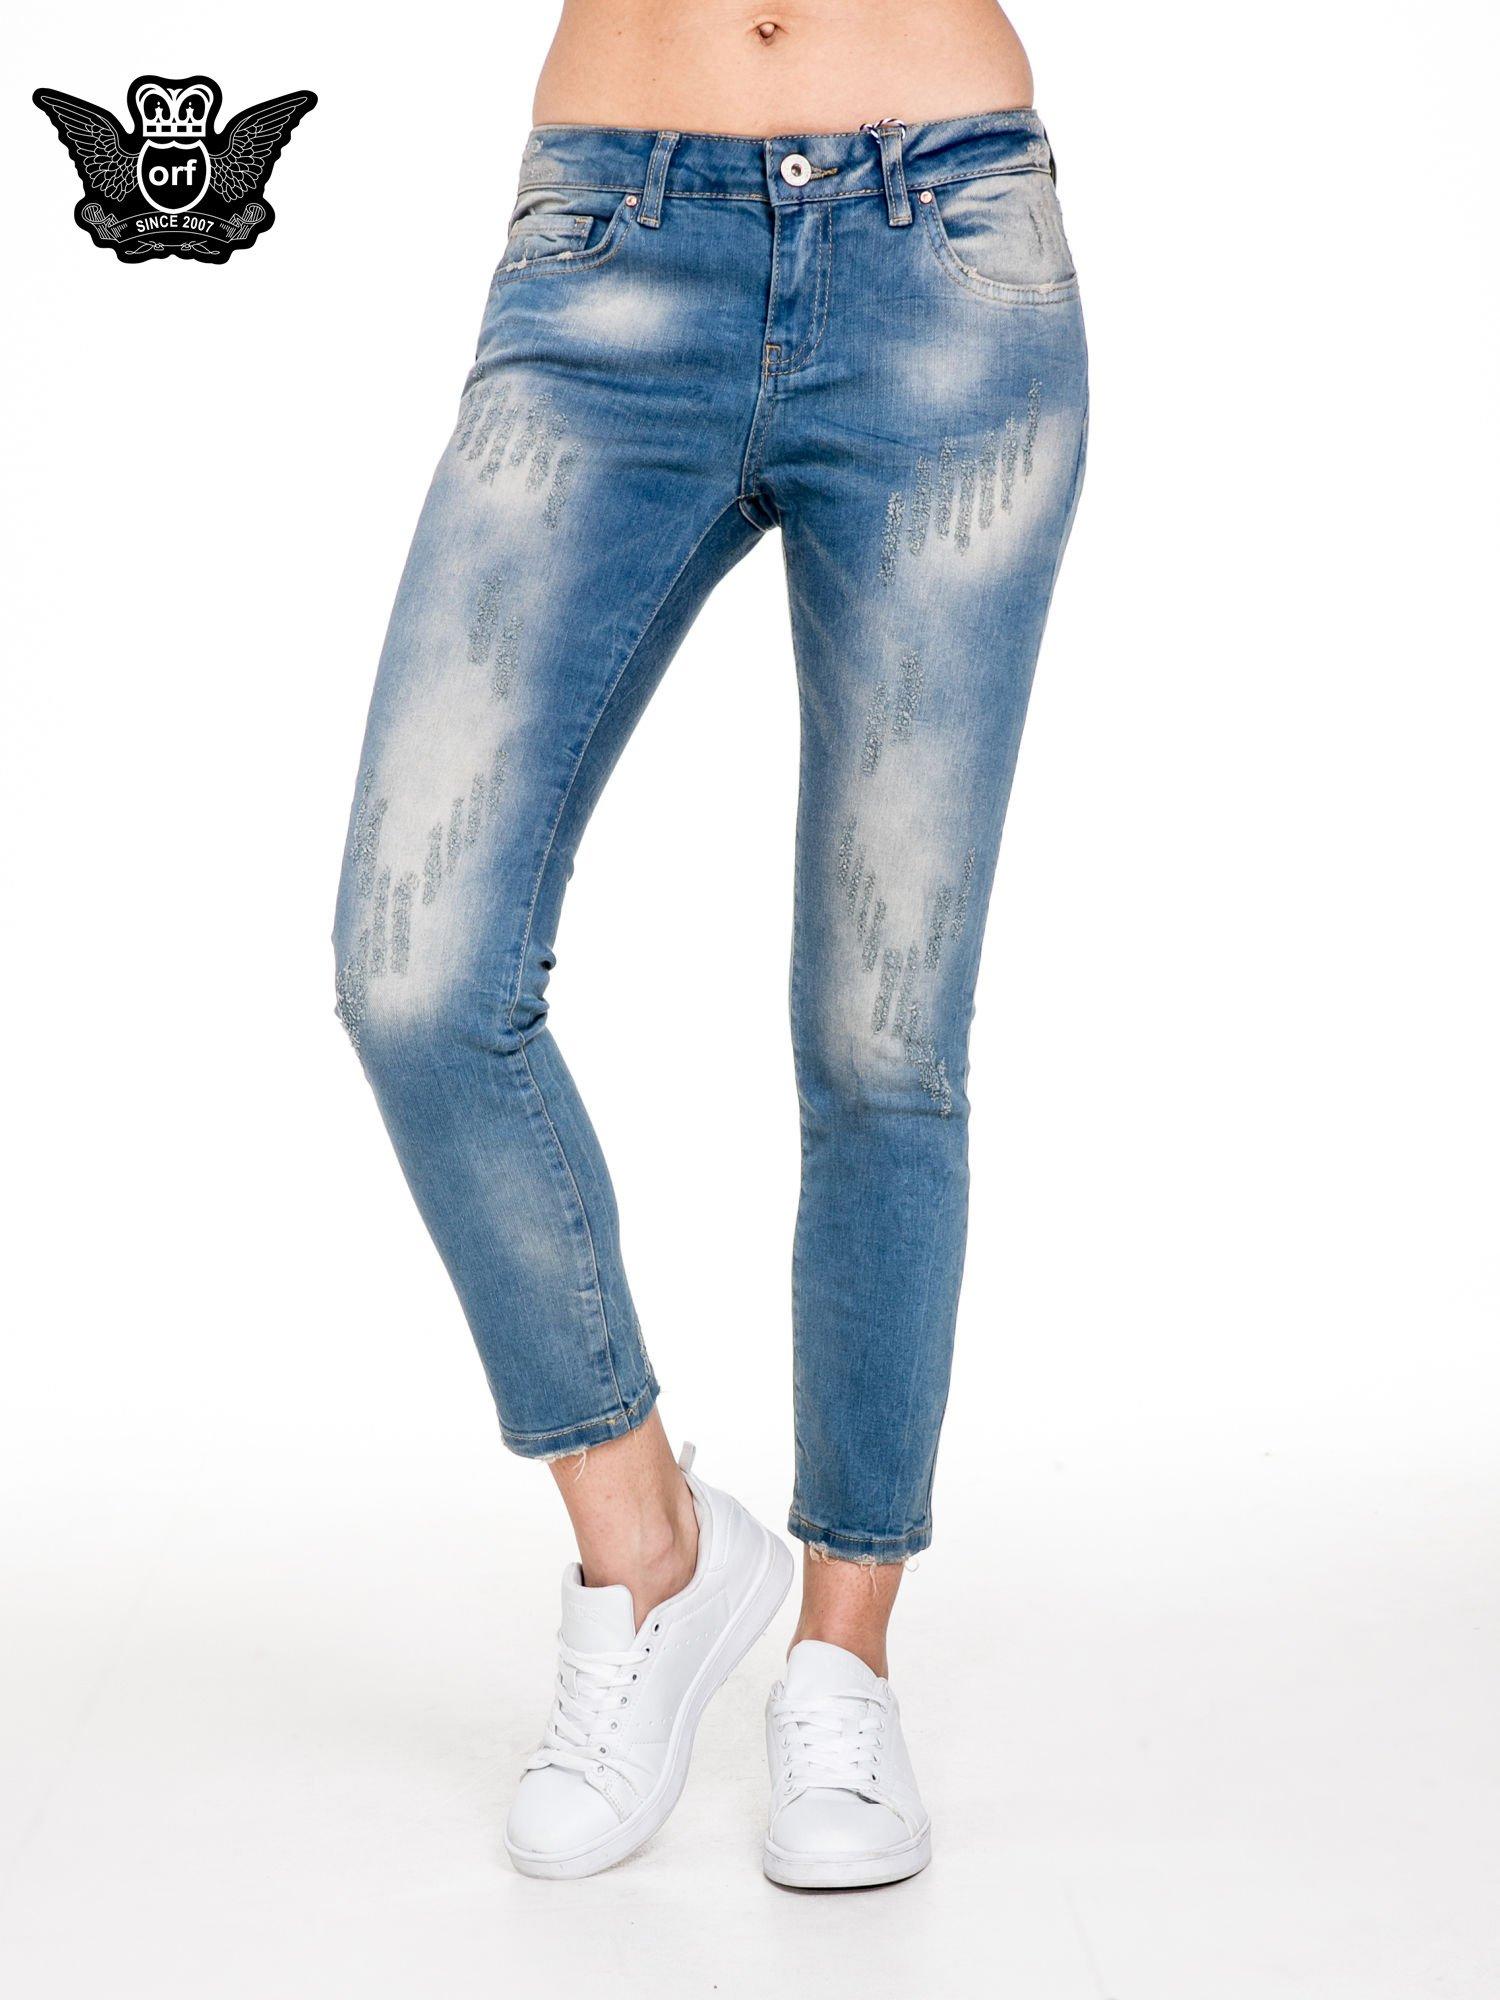 Spodnie jeansowe rurki z pionowymi przetarciami                                  zdj.                                  1